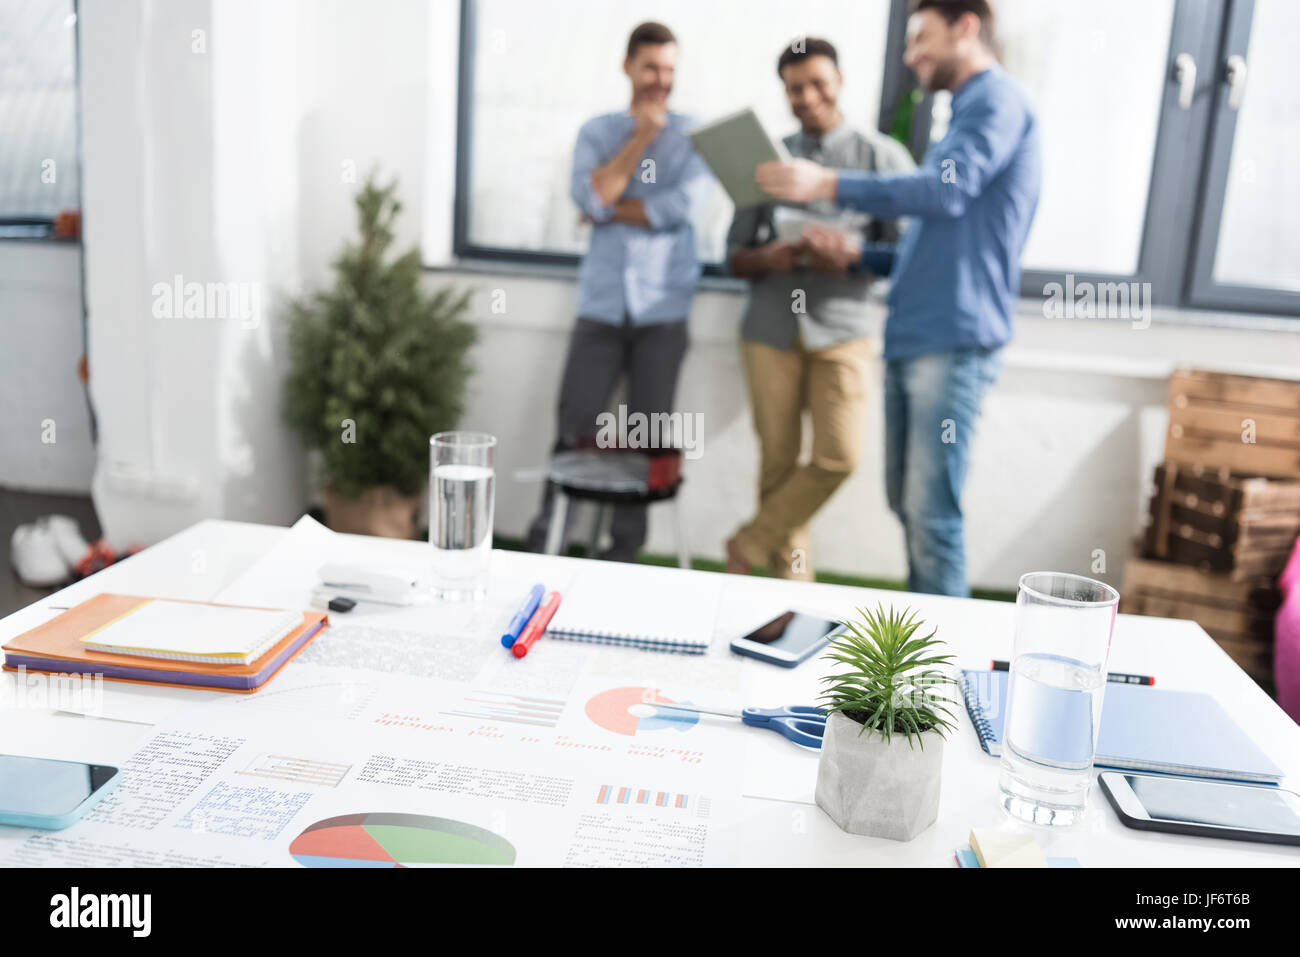 Vista cercana de gráficos de negocios y suministros de oficina en el escritorio y empresarios de pie detrás, Imagen De Stock